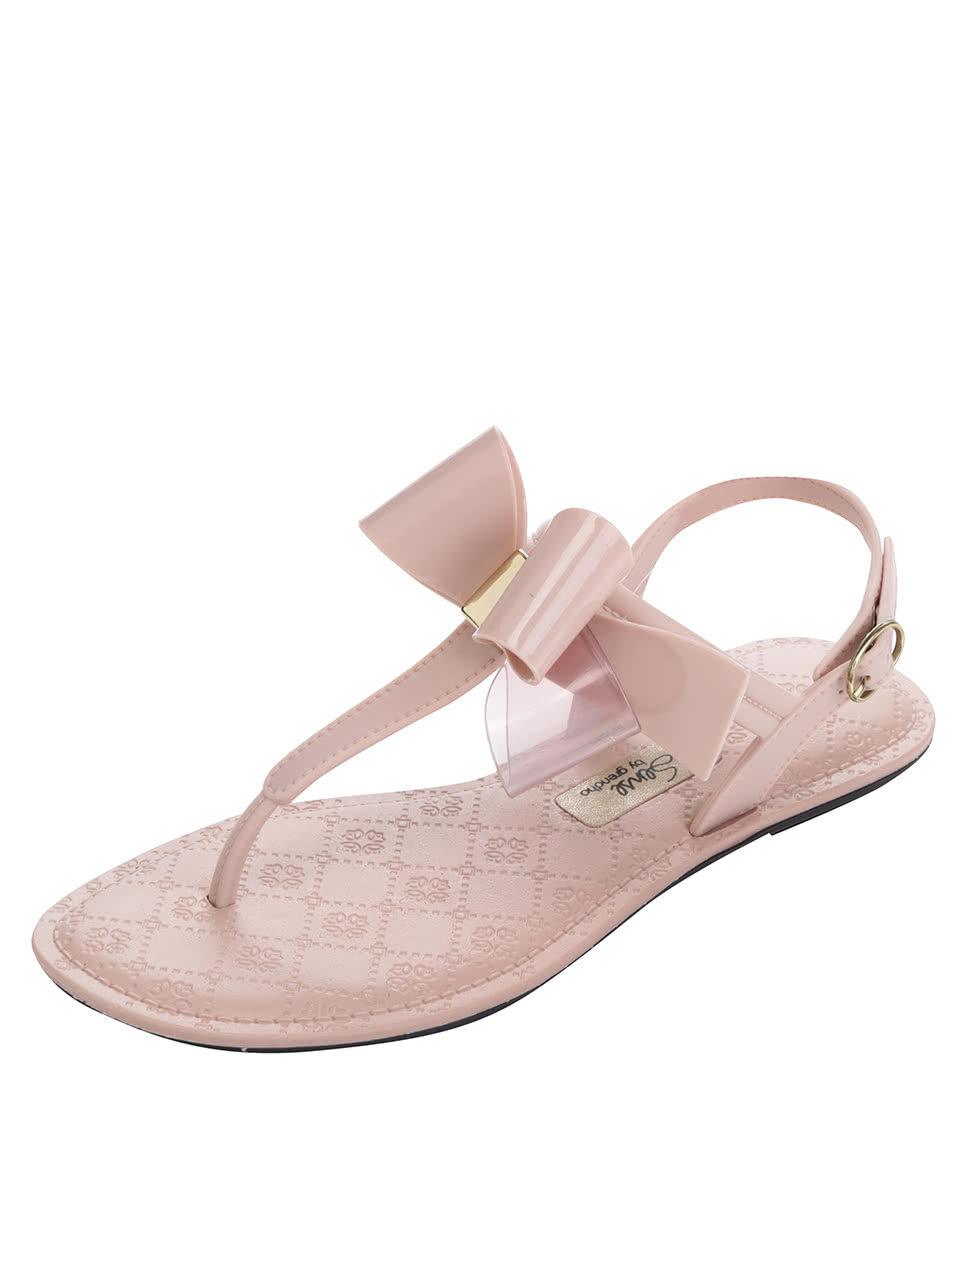 e774e239f8f9 Ružové sandále s mašľou Grendha ...